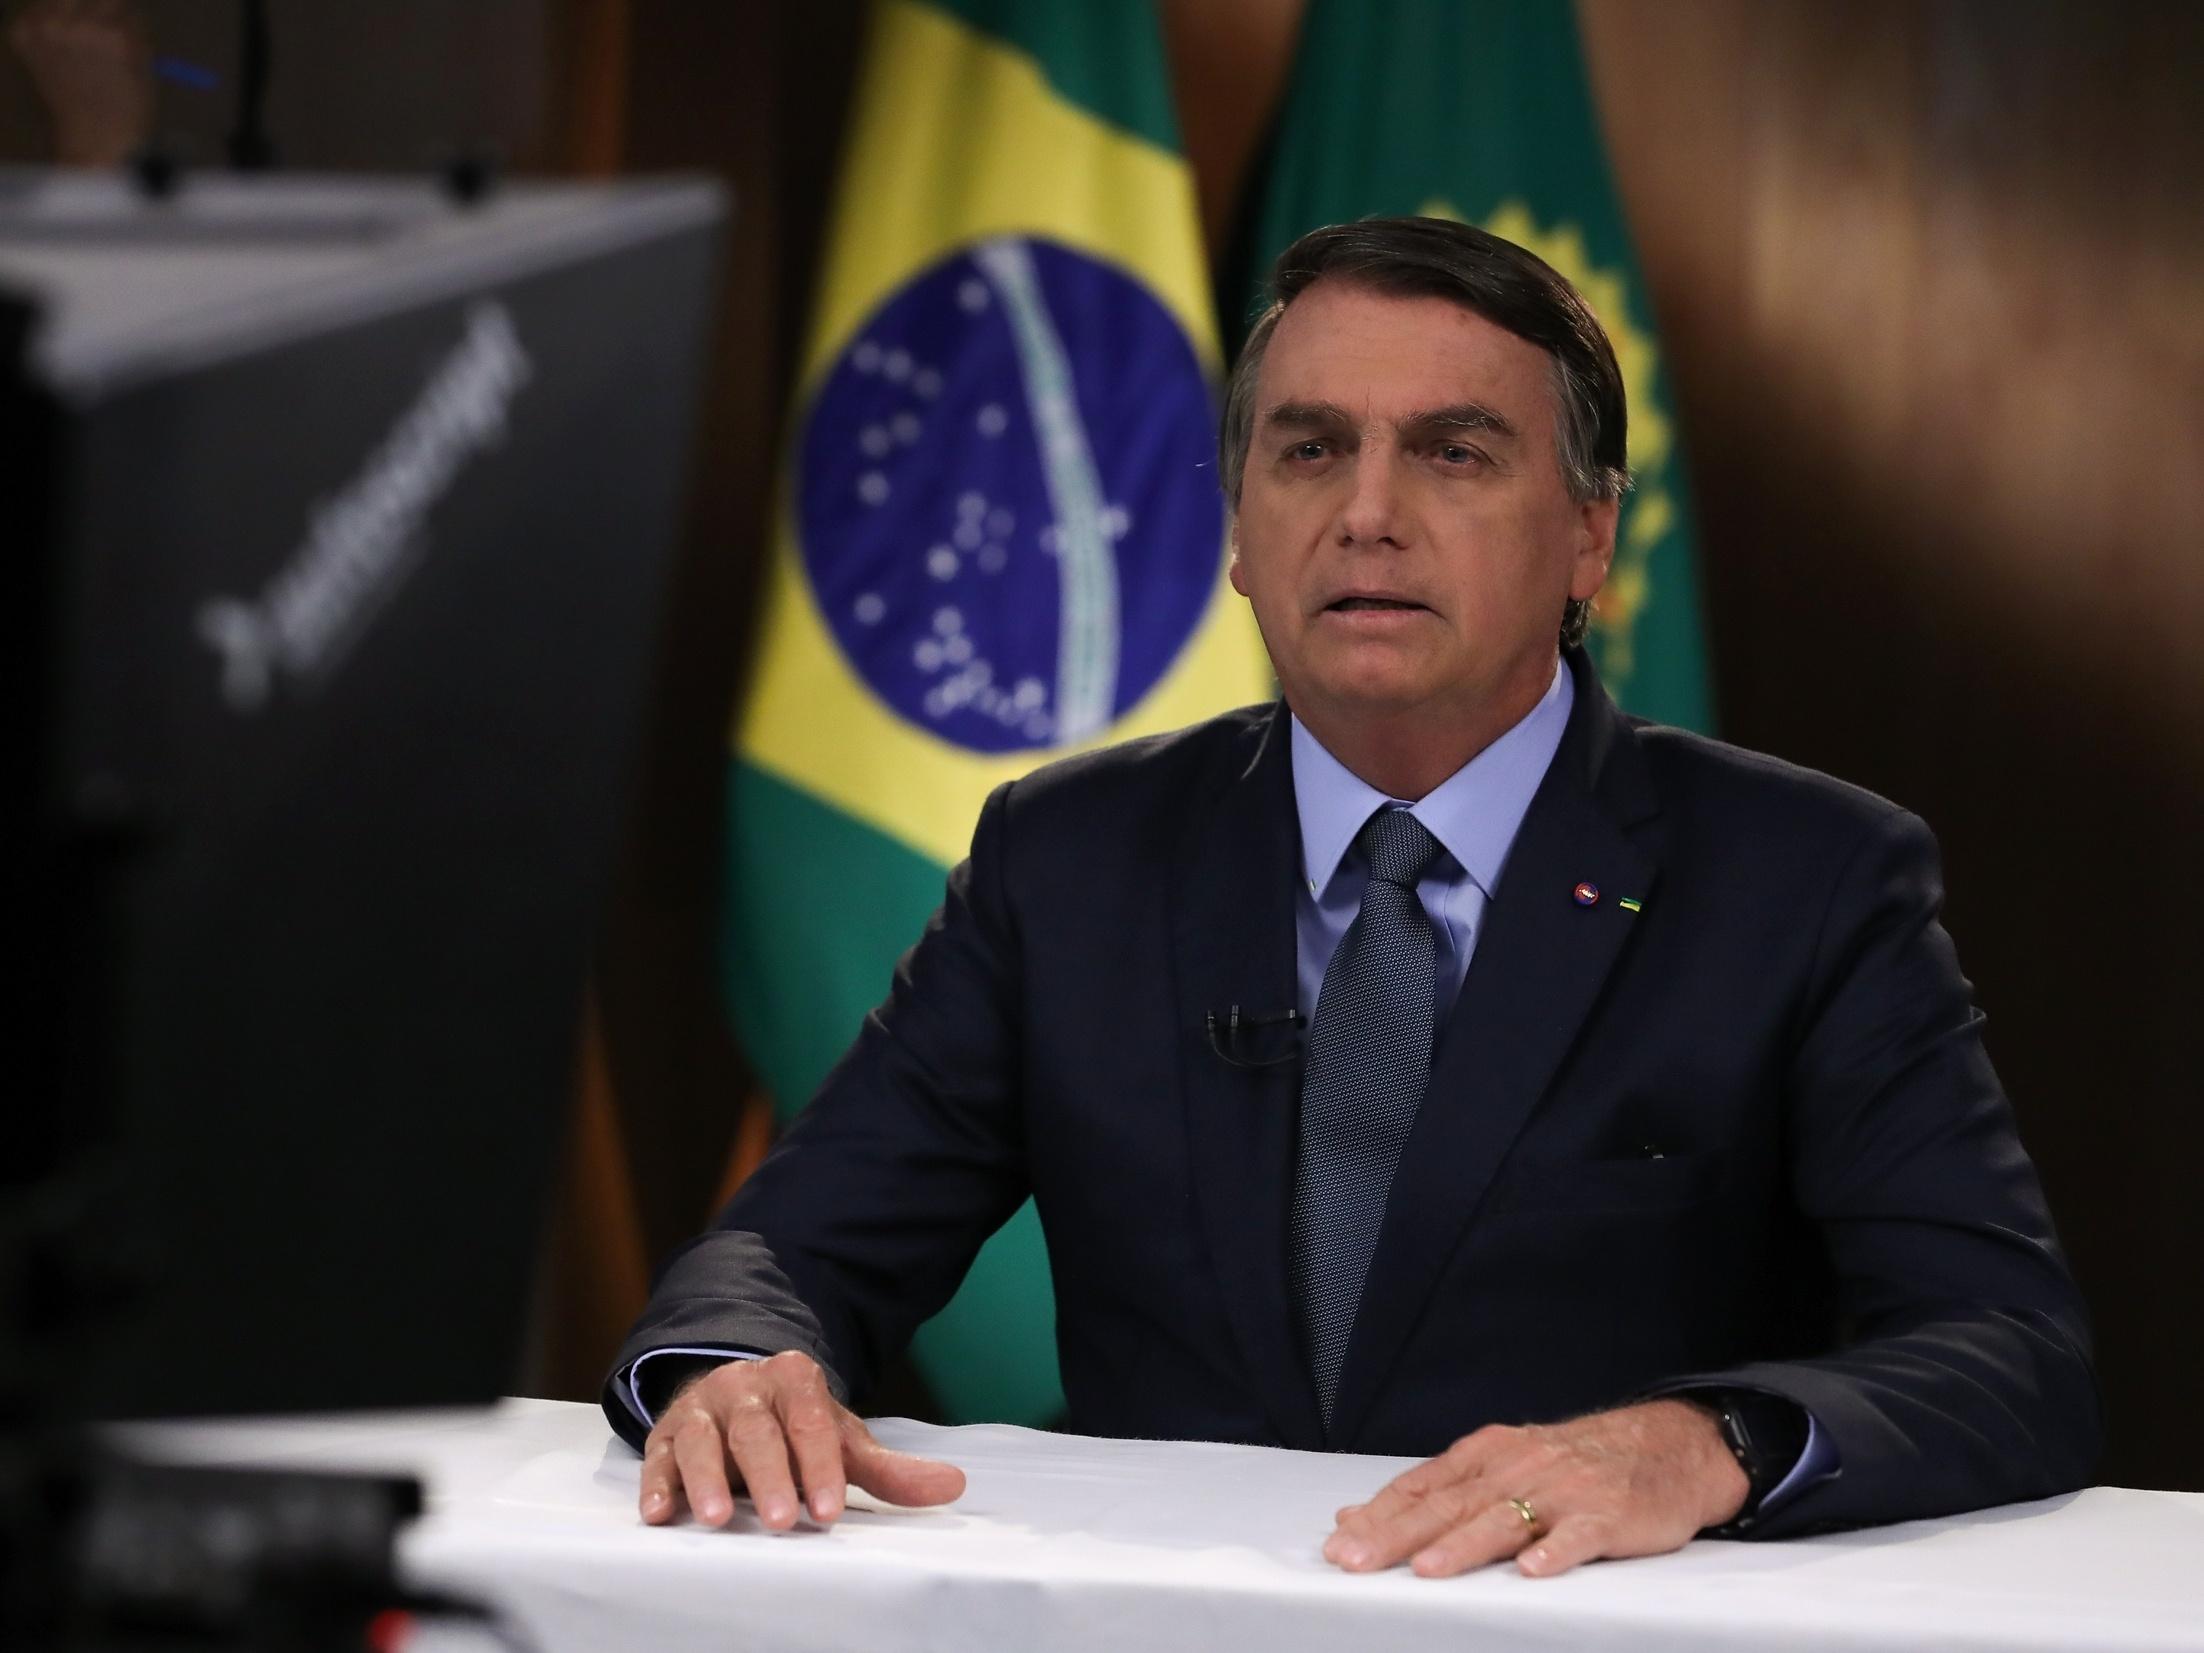 Governo vai apresentar projeto para produção de fertilizantes, diz Bolsonaro